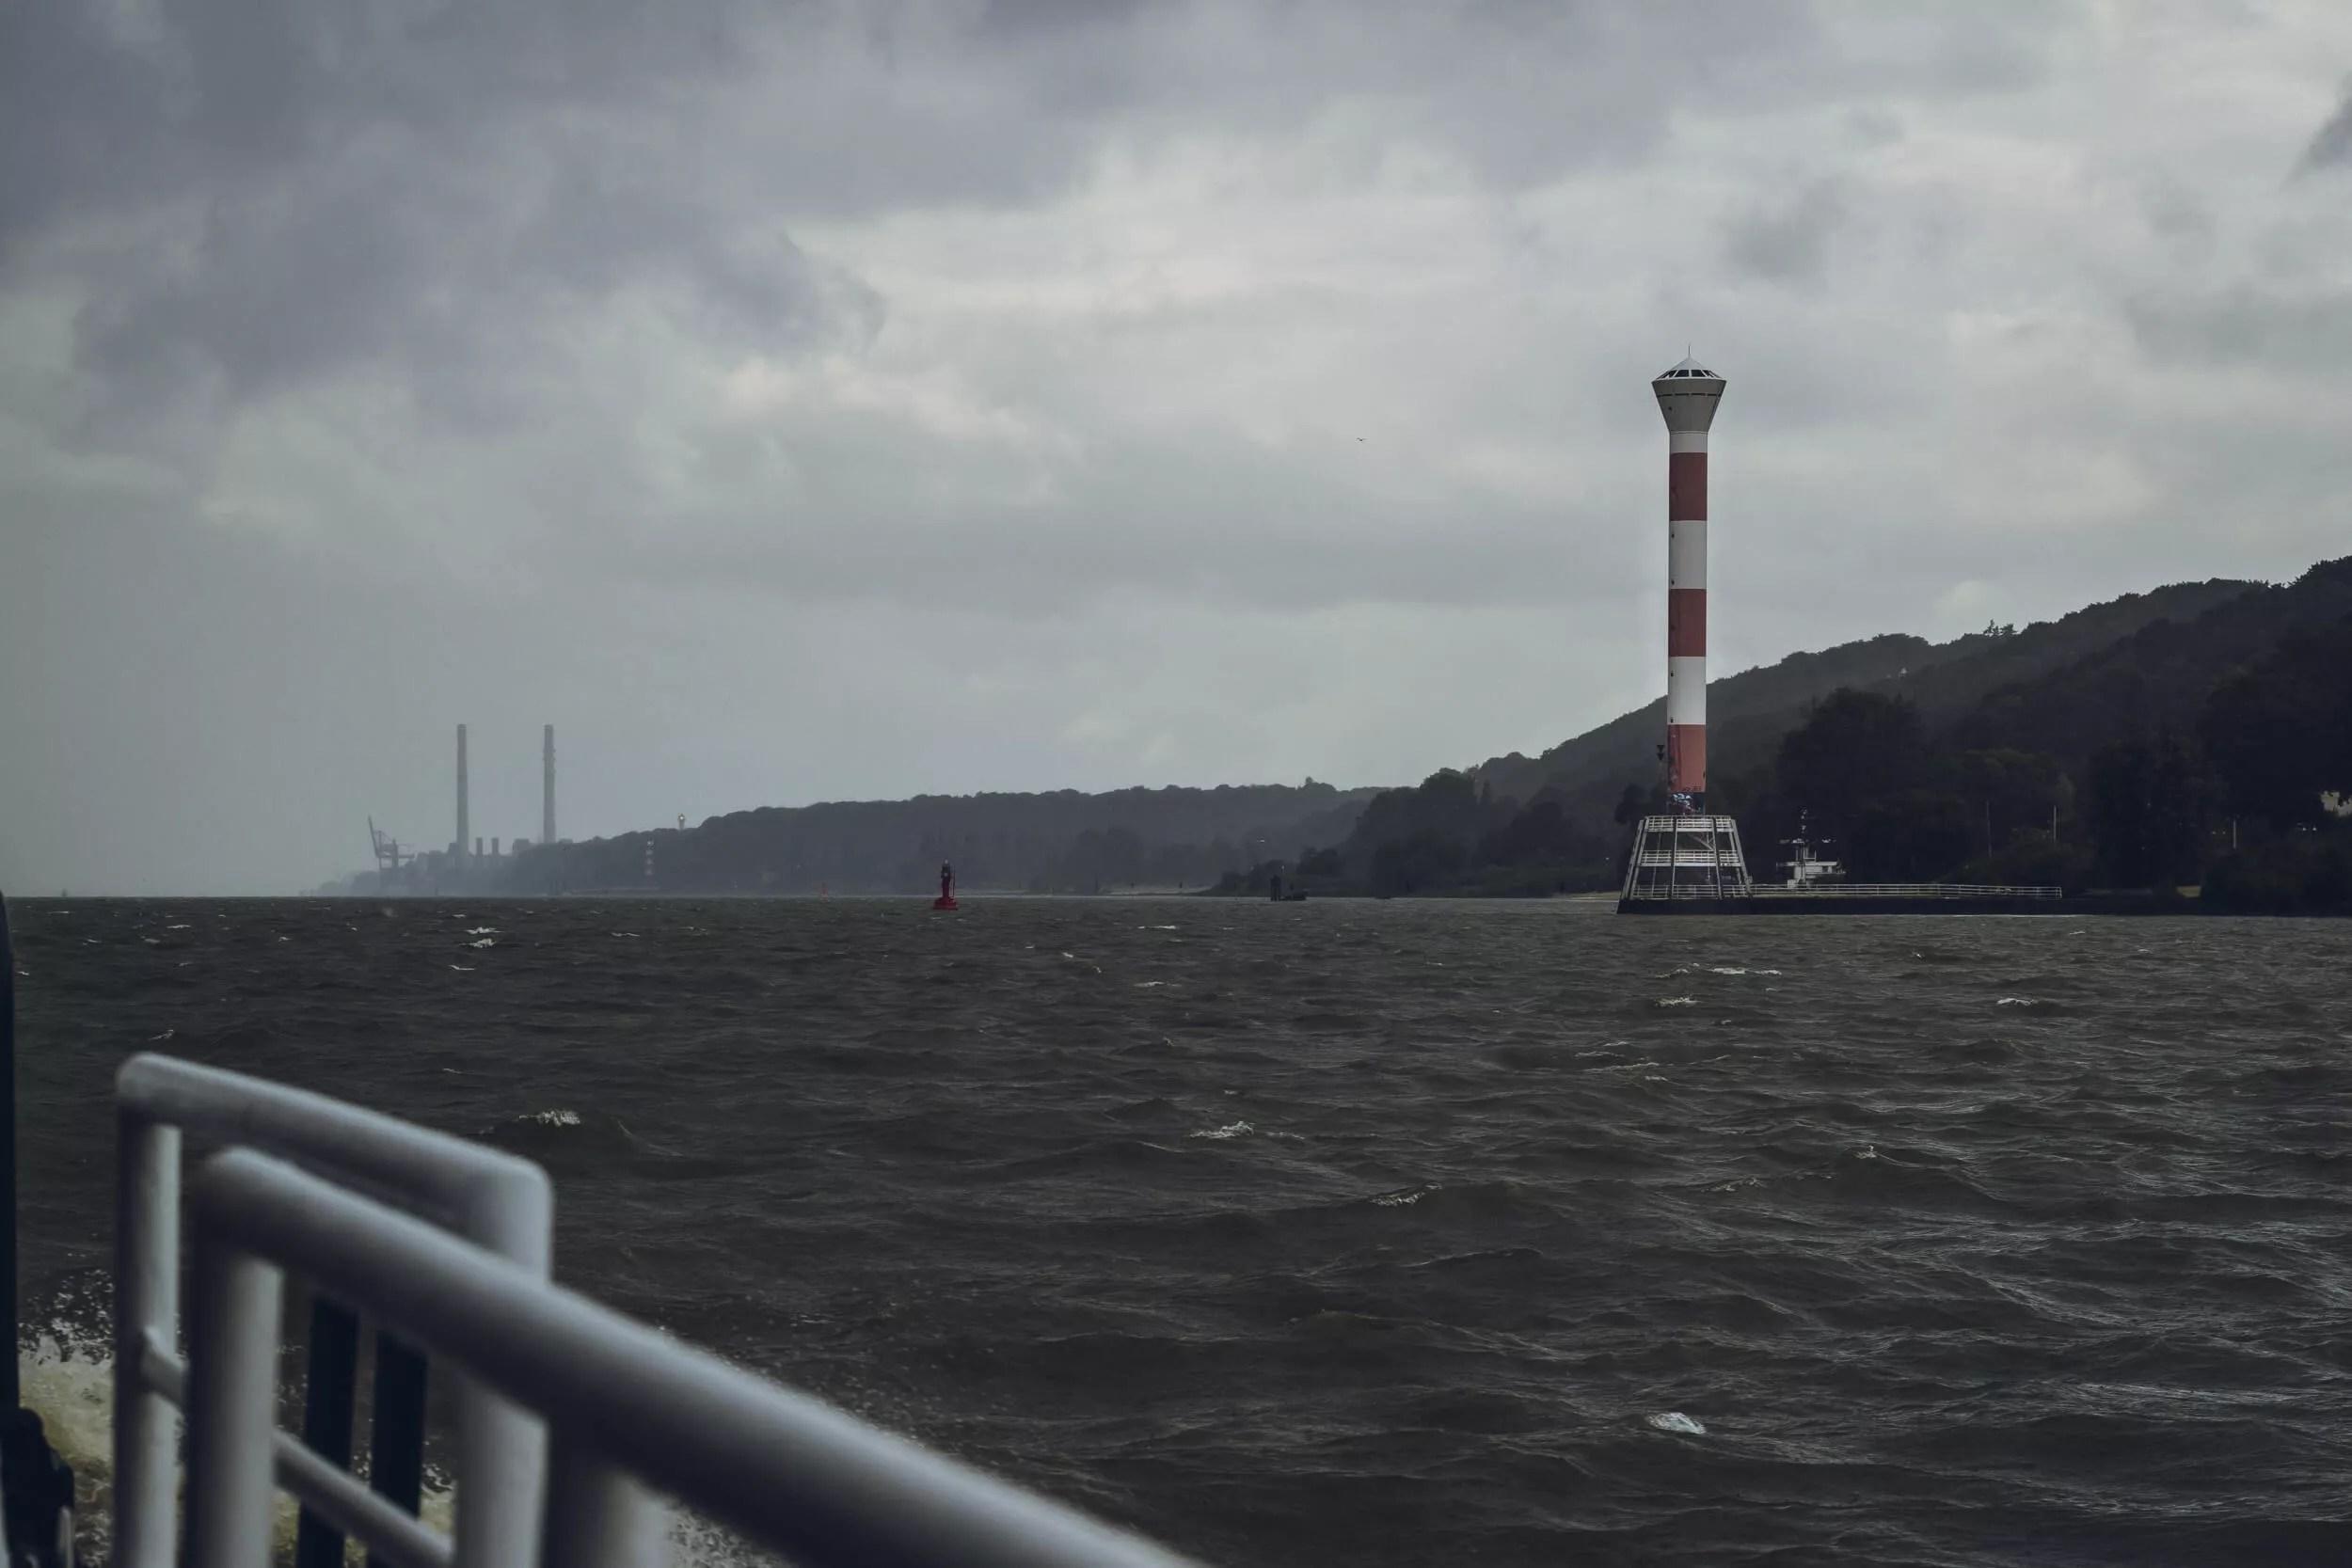 Auf der Elbe mit Aussicht auf den Leuchtturm von Blankenese